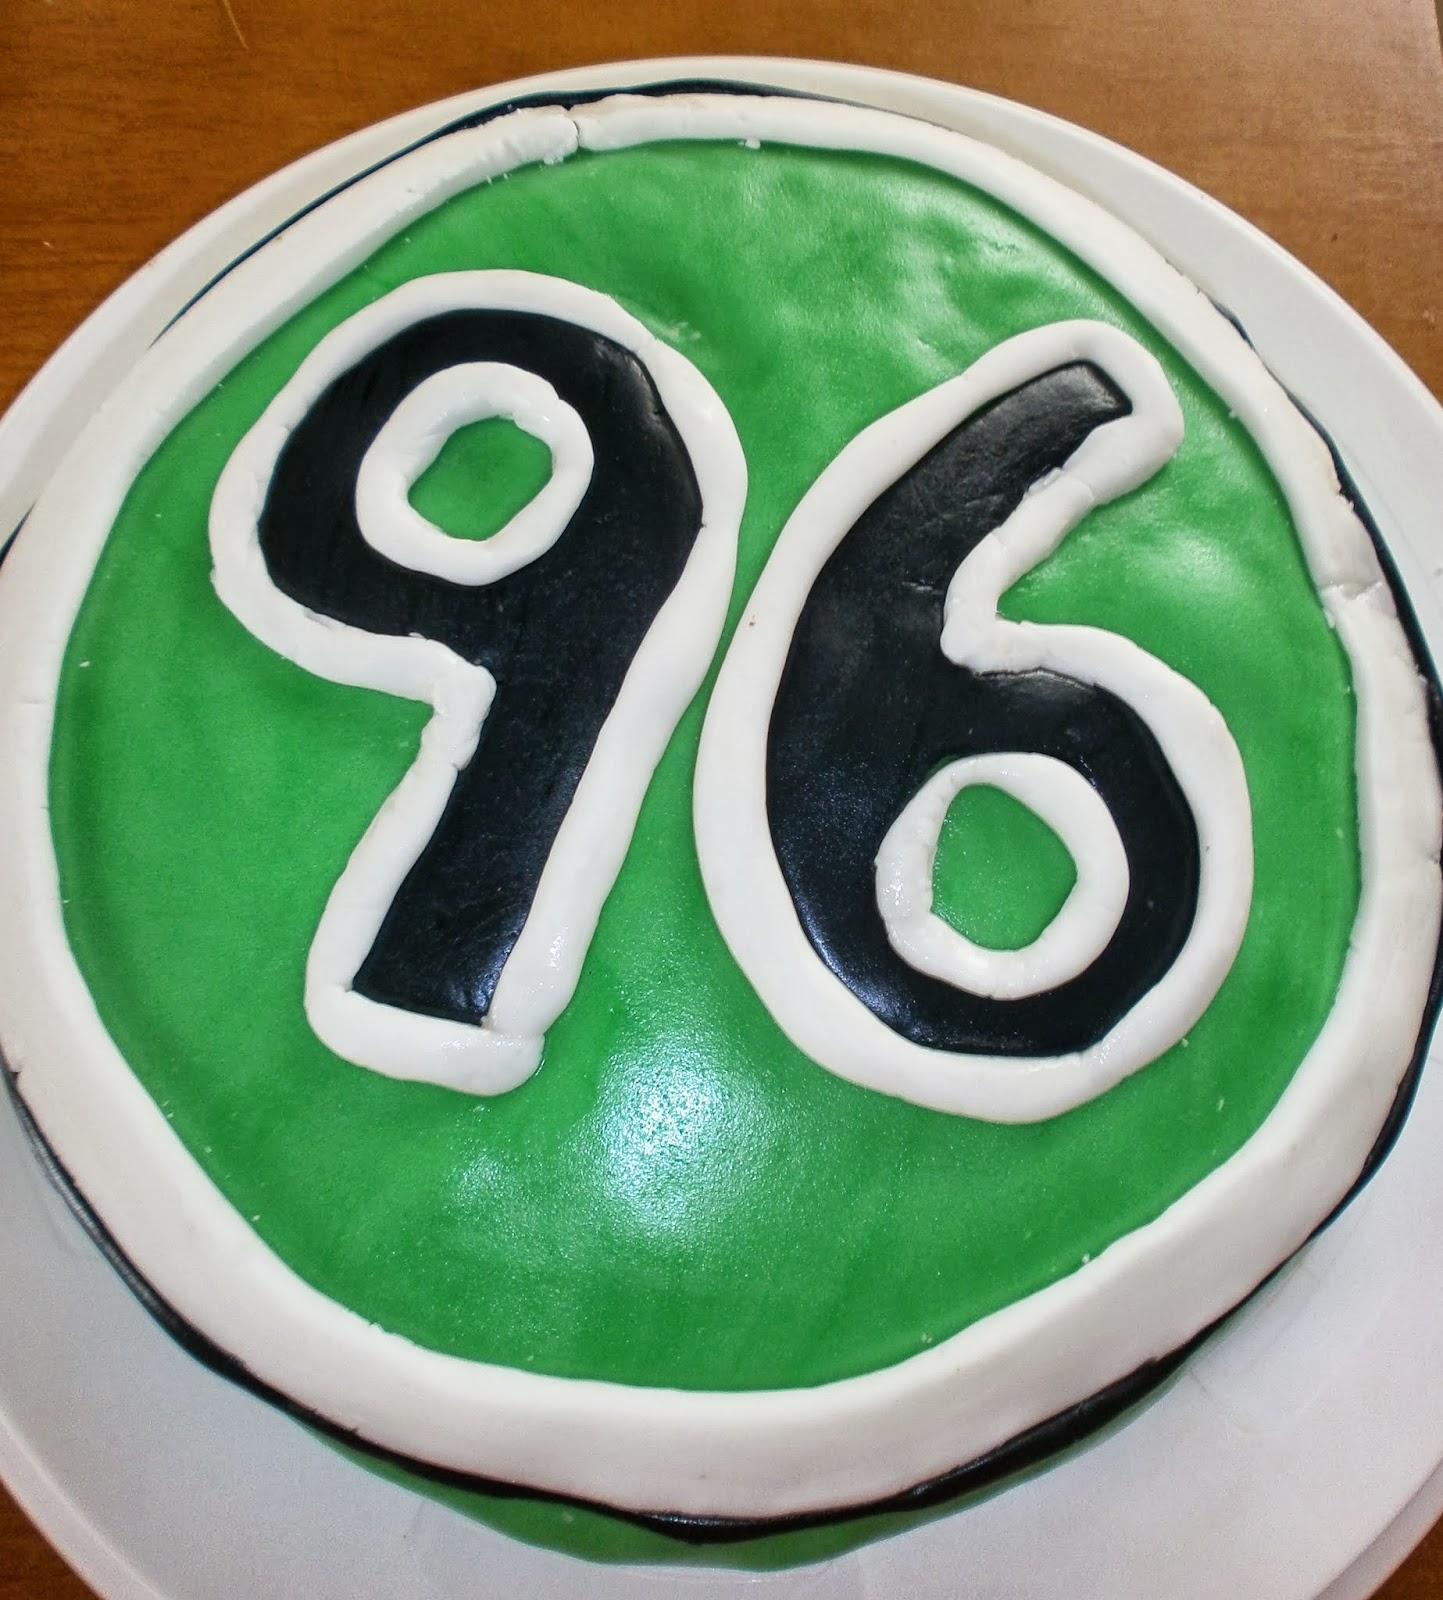 Mellys Backstube Hannover 96 Torte